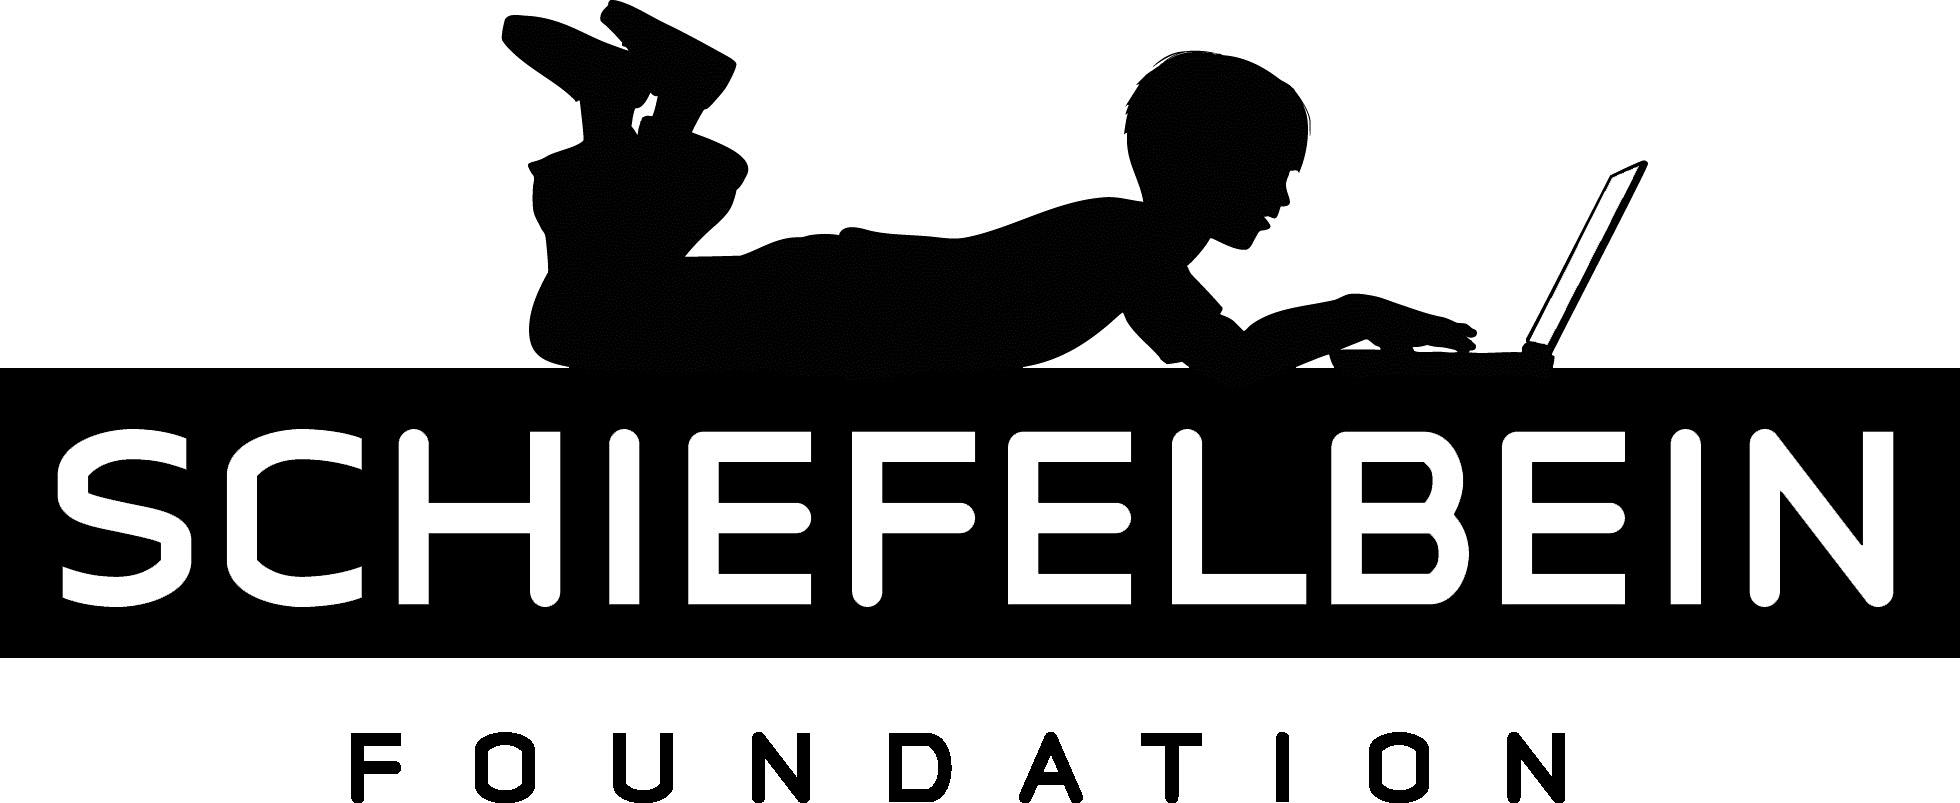 schiefelbein foundation logo